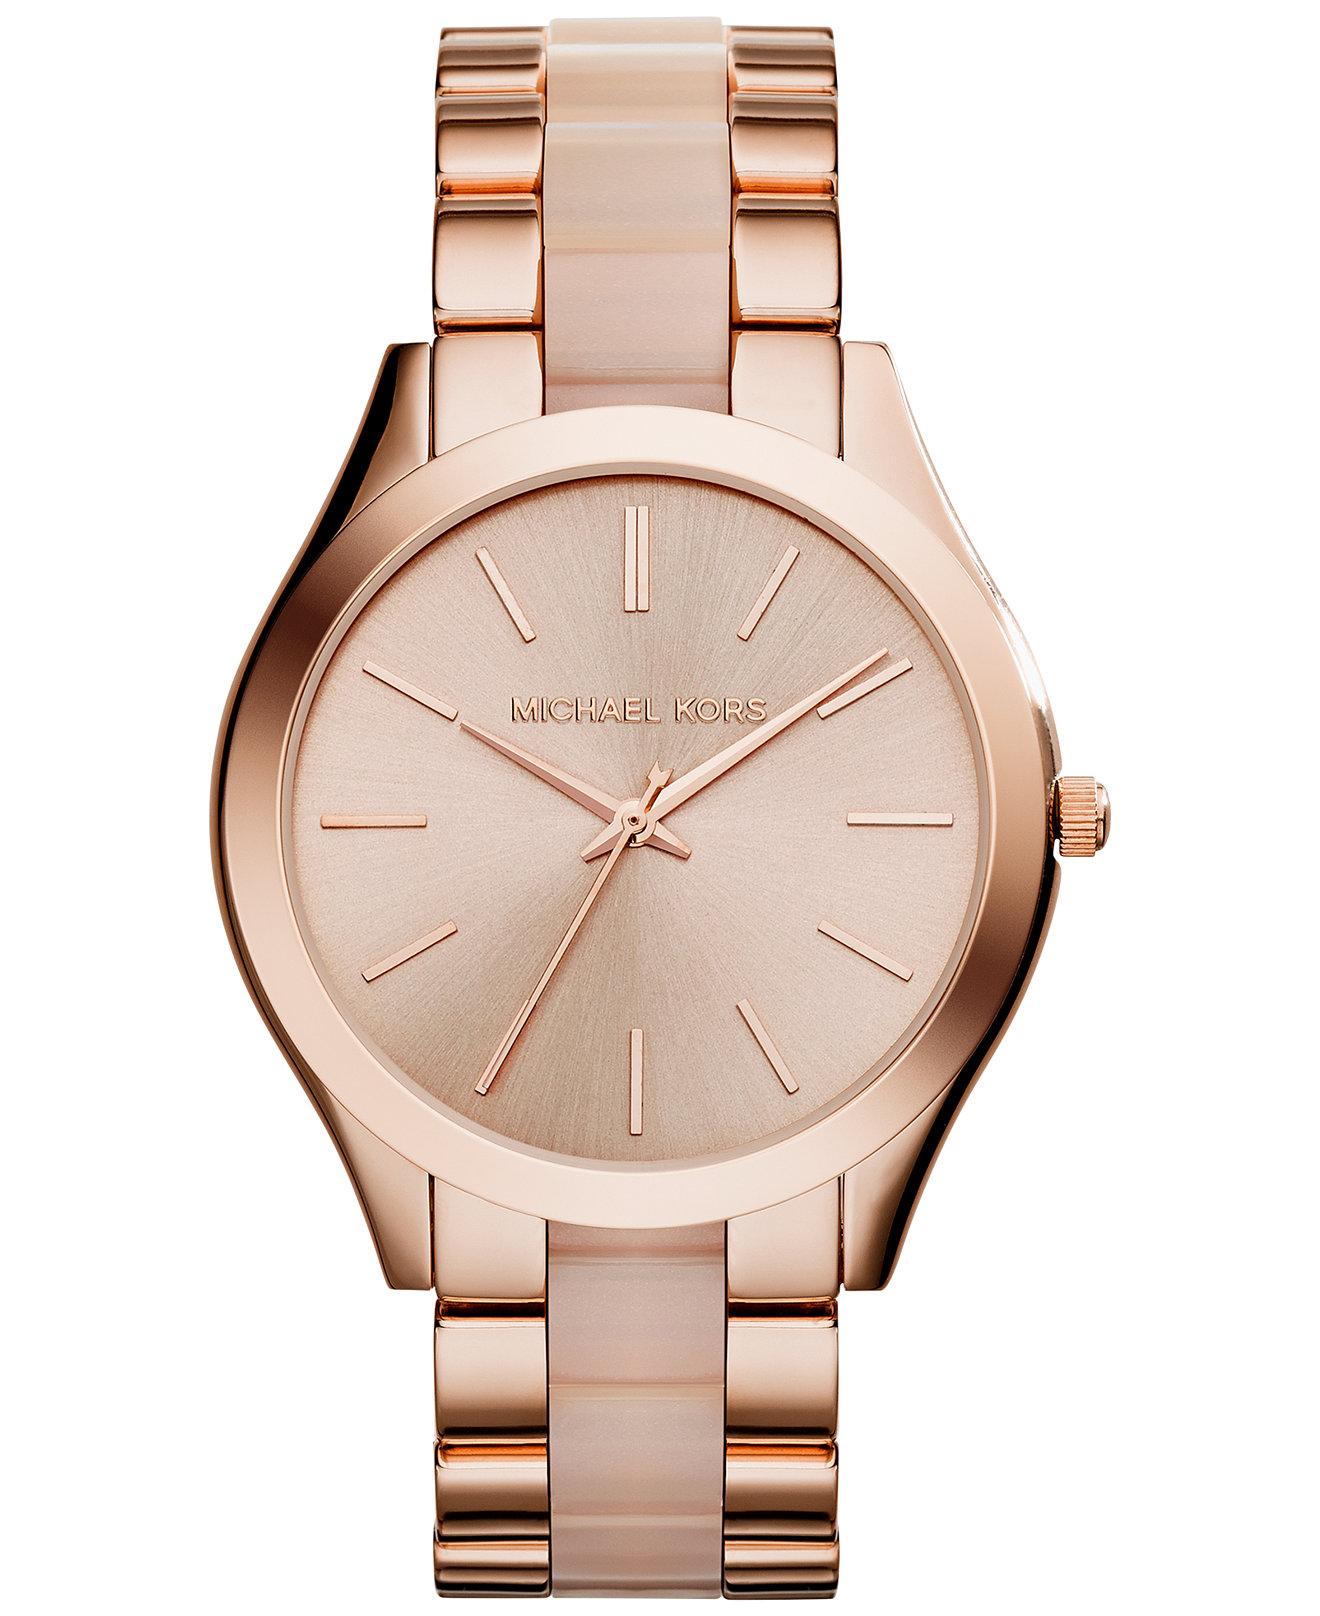 Michael Kors Ladies Slim Runway Rose Gold Tone Acetate Bracelet Watch MK4294